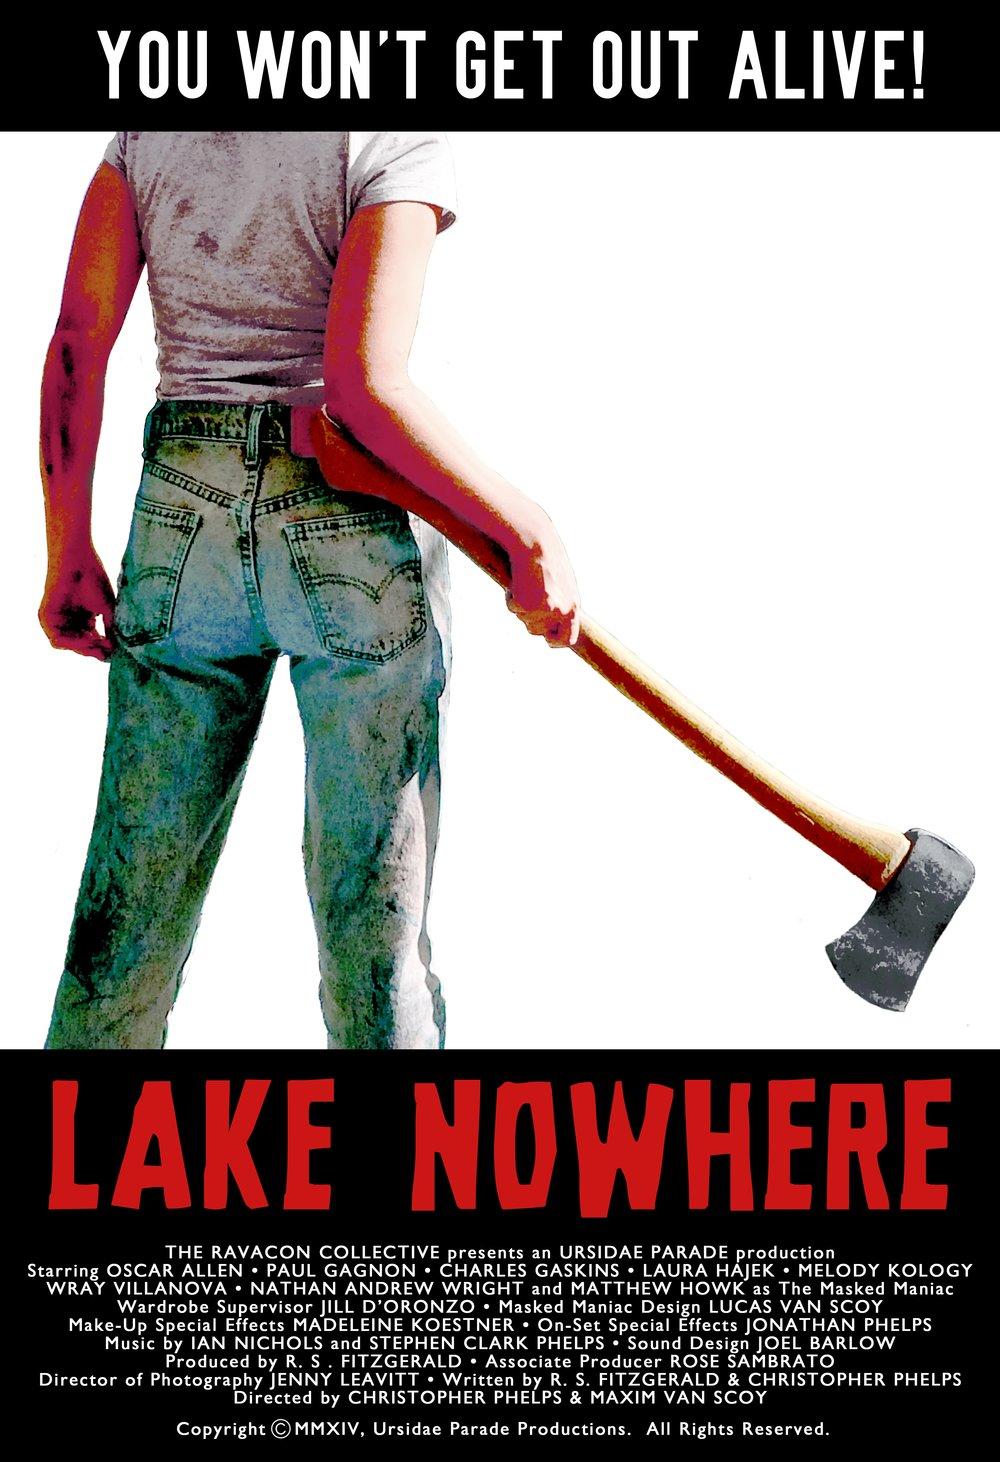 LN Poster (Laura) MEDIUM 13x19.jpg